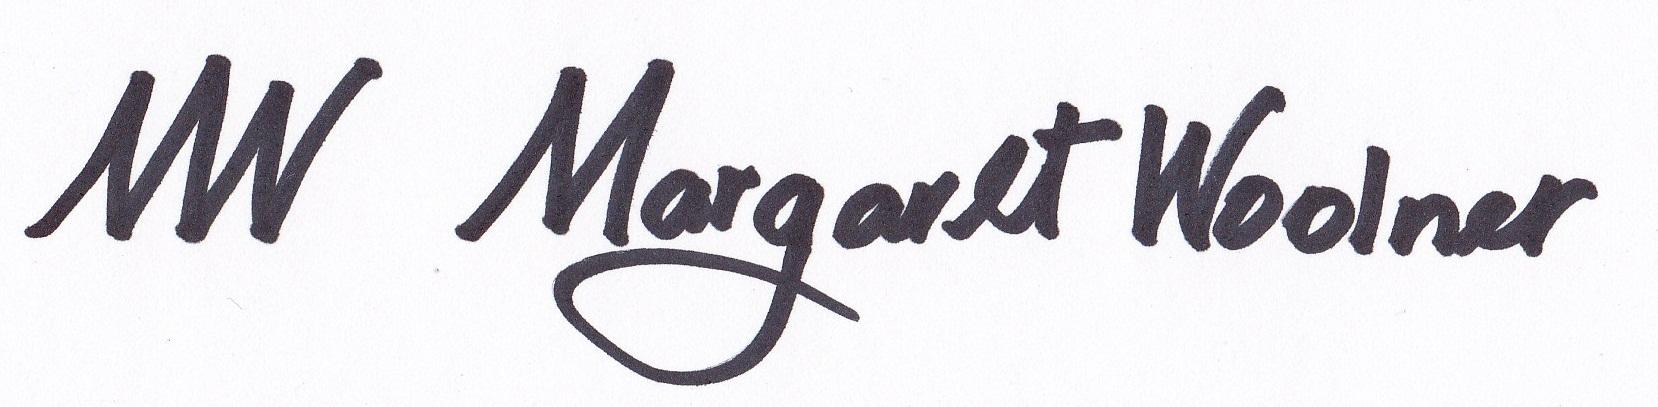 MARGARET WOOLNER's Signature